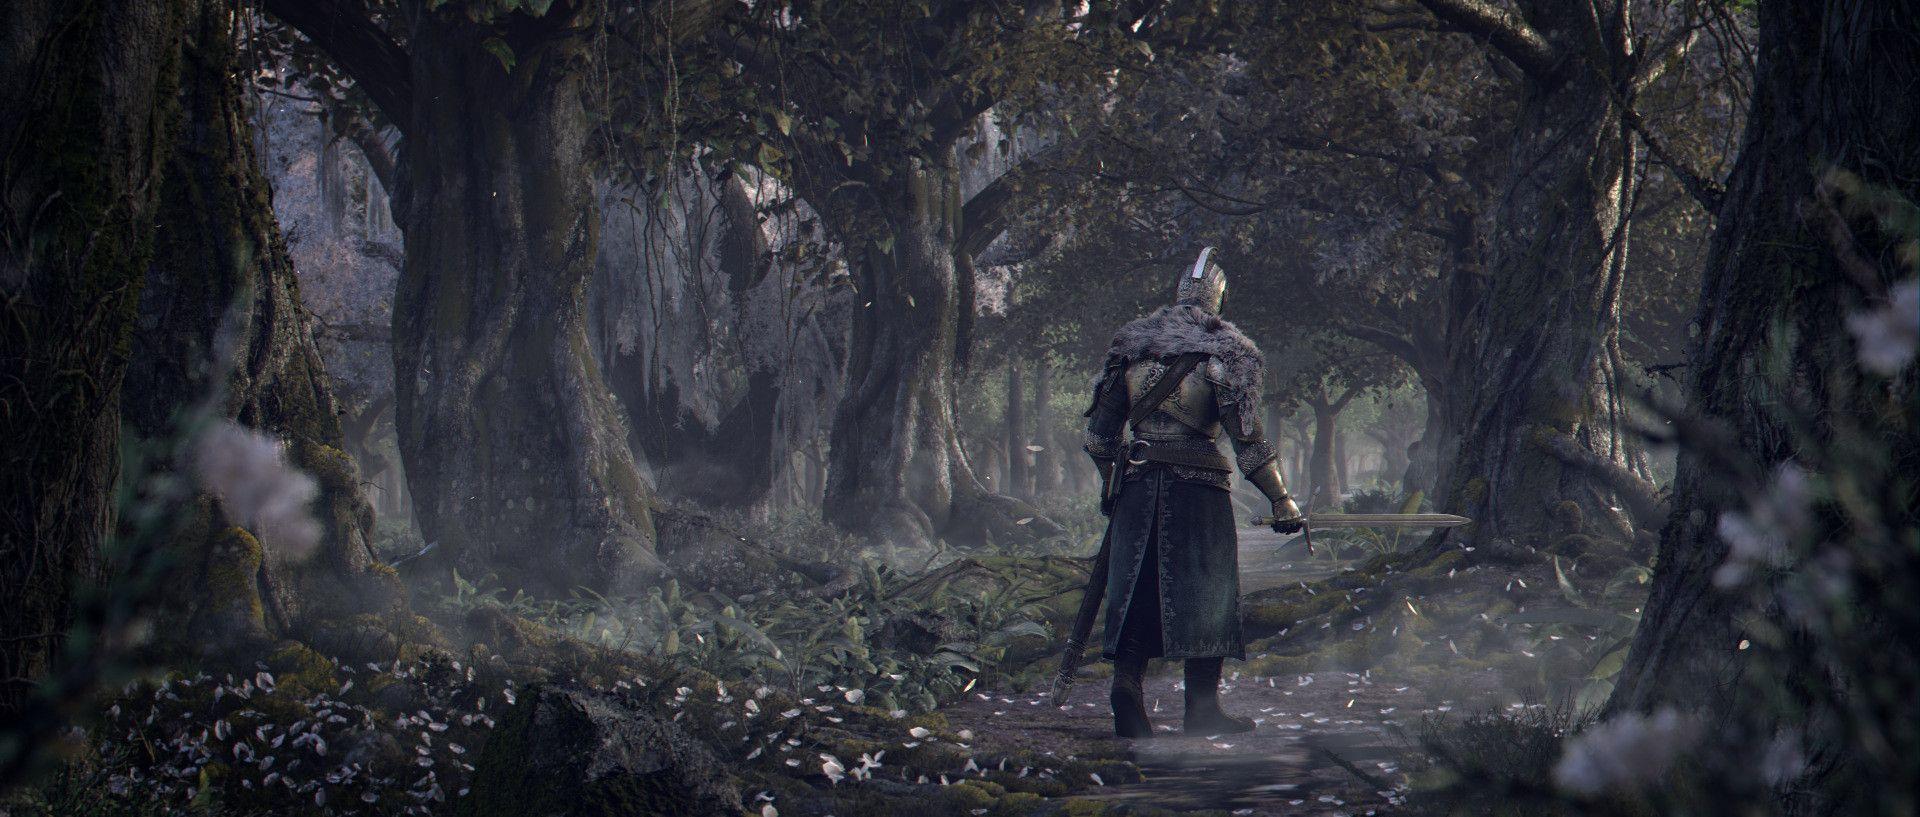 Dark Souls II, Faraam Knight   Dark Souls and Bloodborne